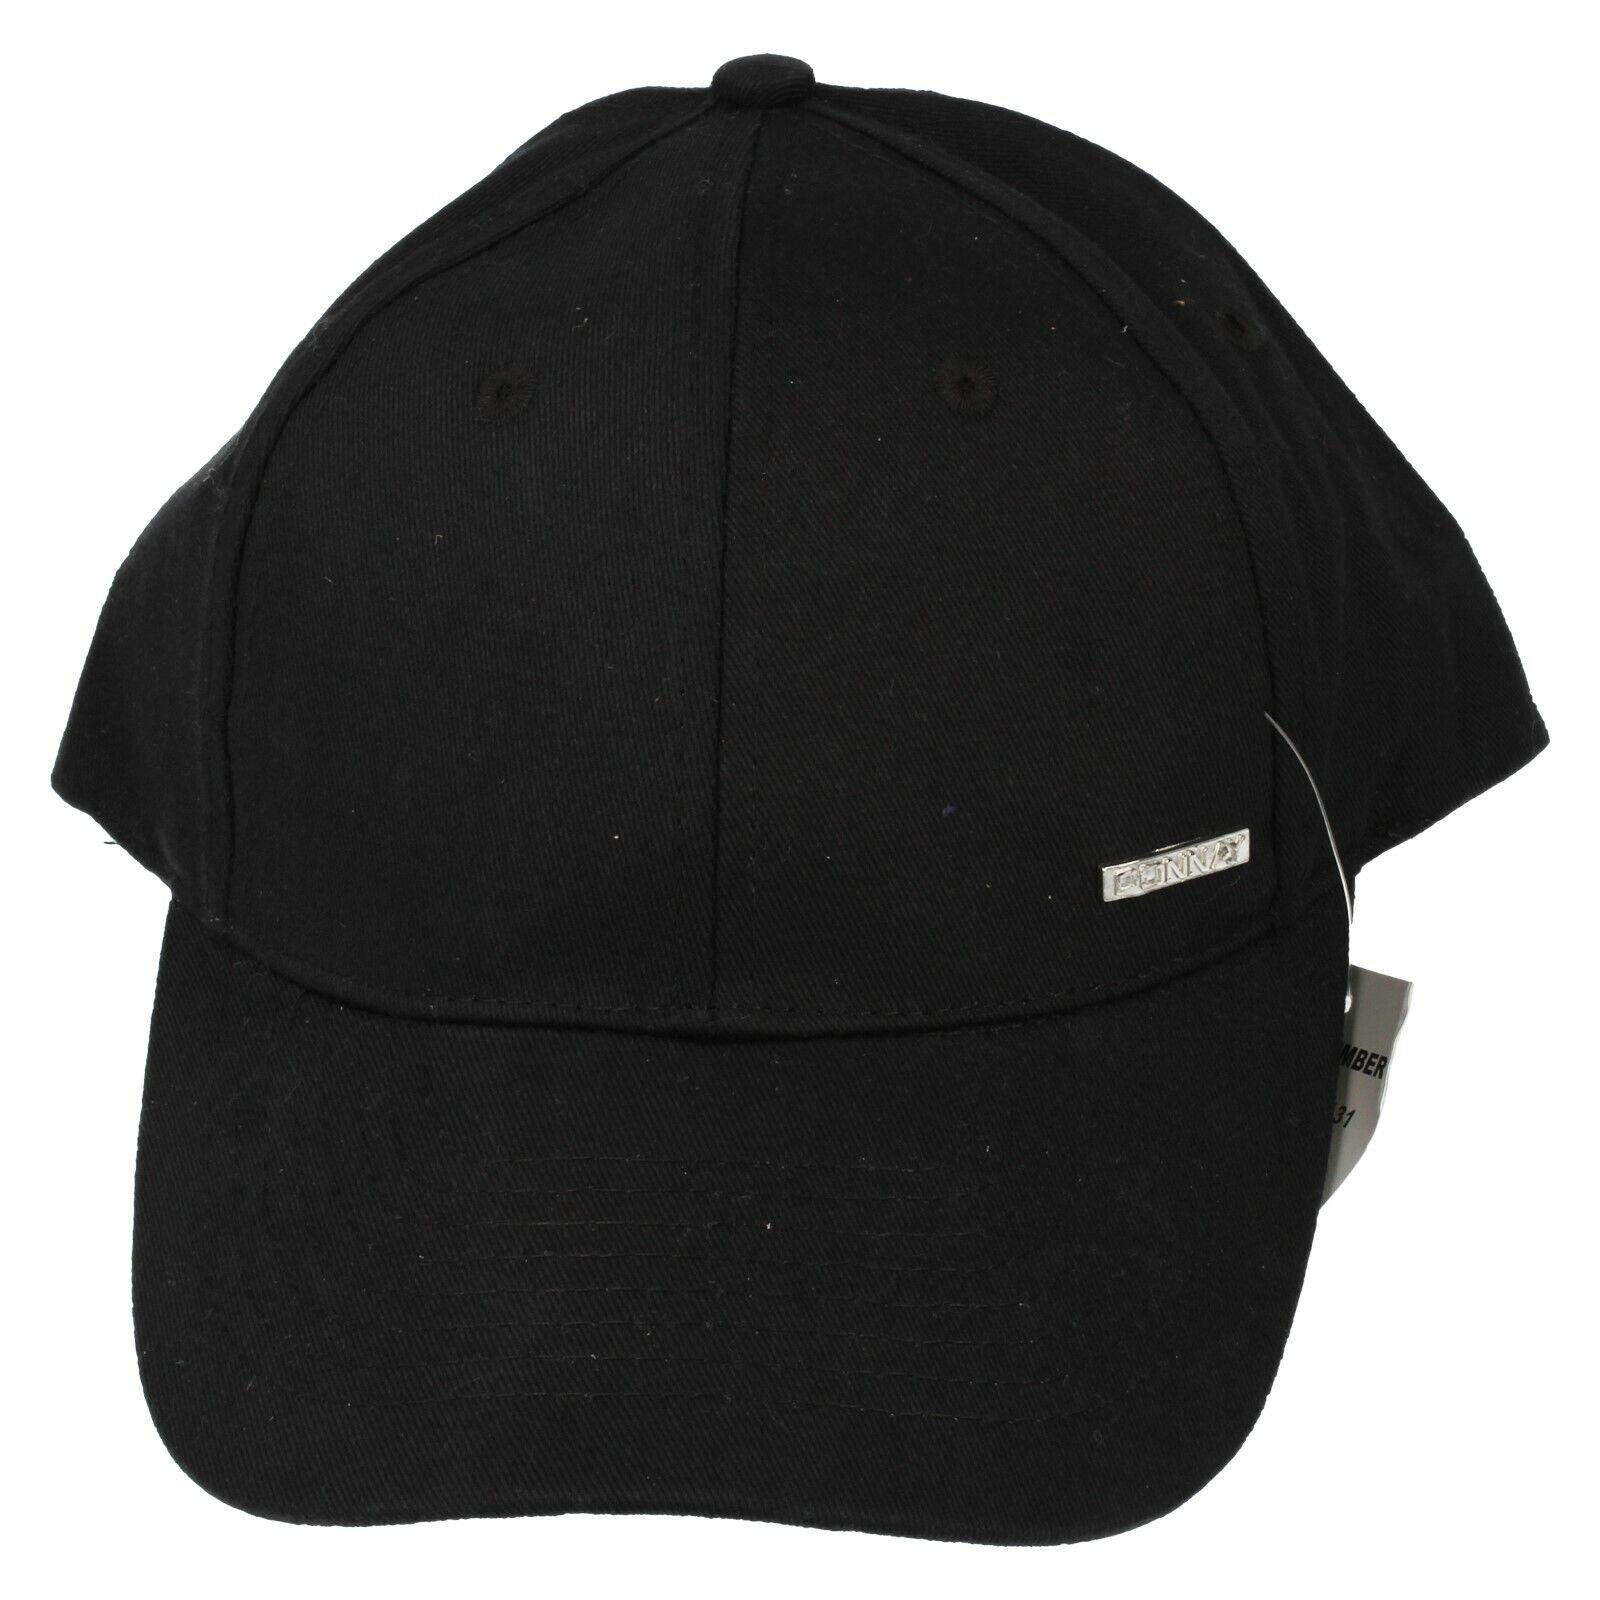 Erwachsene Donnay Schwarz Hut / Schirmmütze: 71D002/DAW131